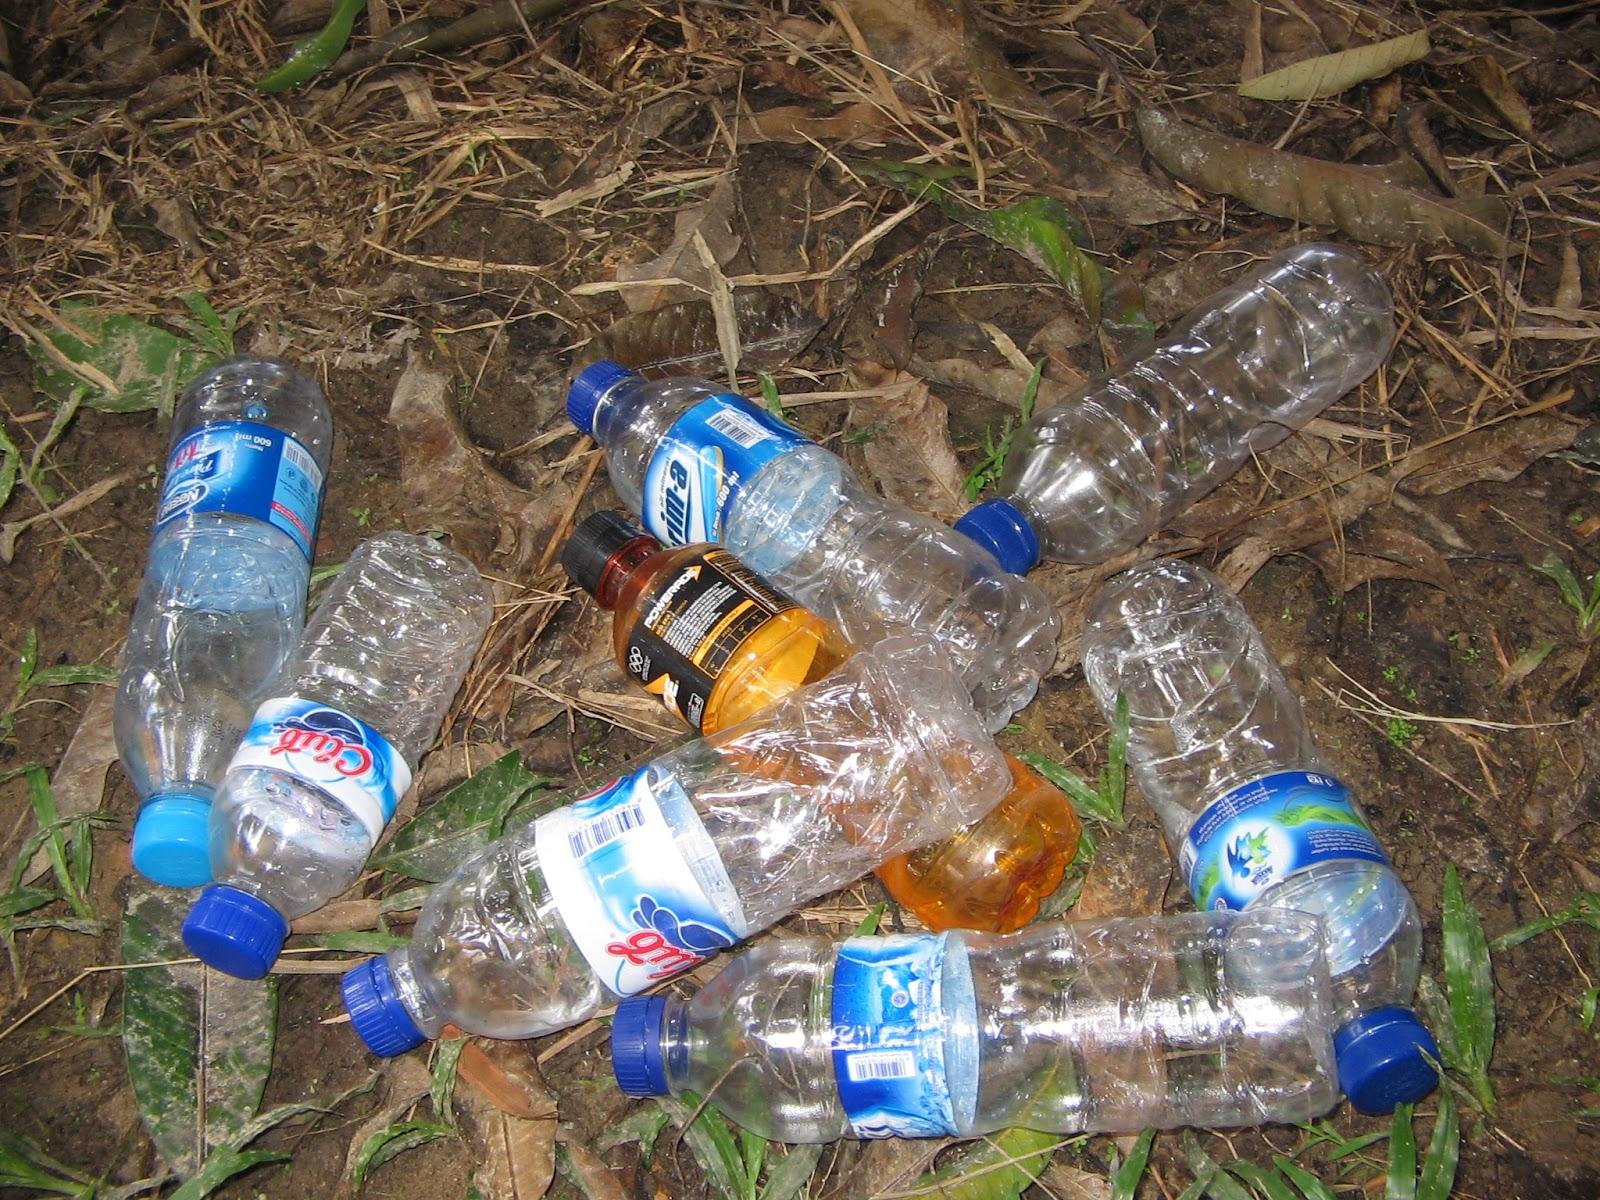 Daur Ulang Limbah Botol Plastik open your eyes to this